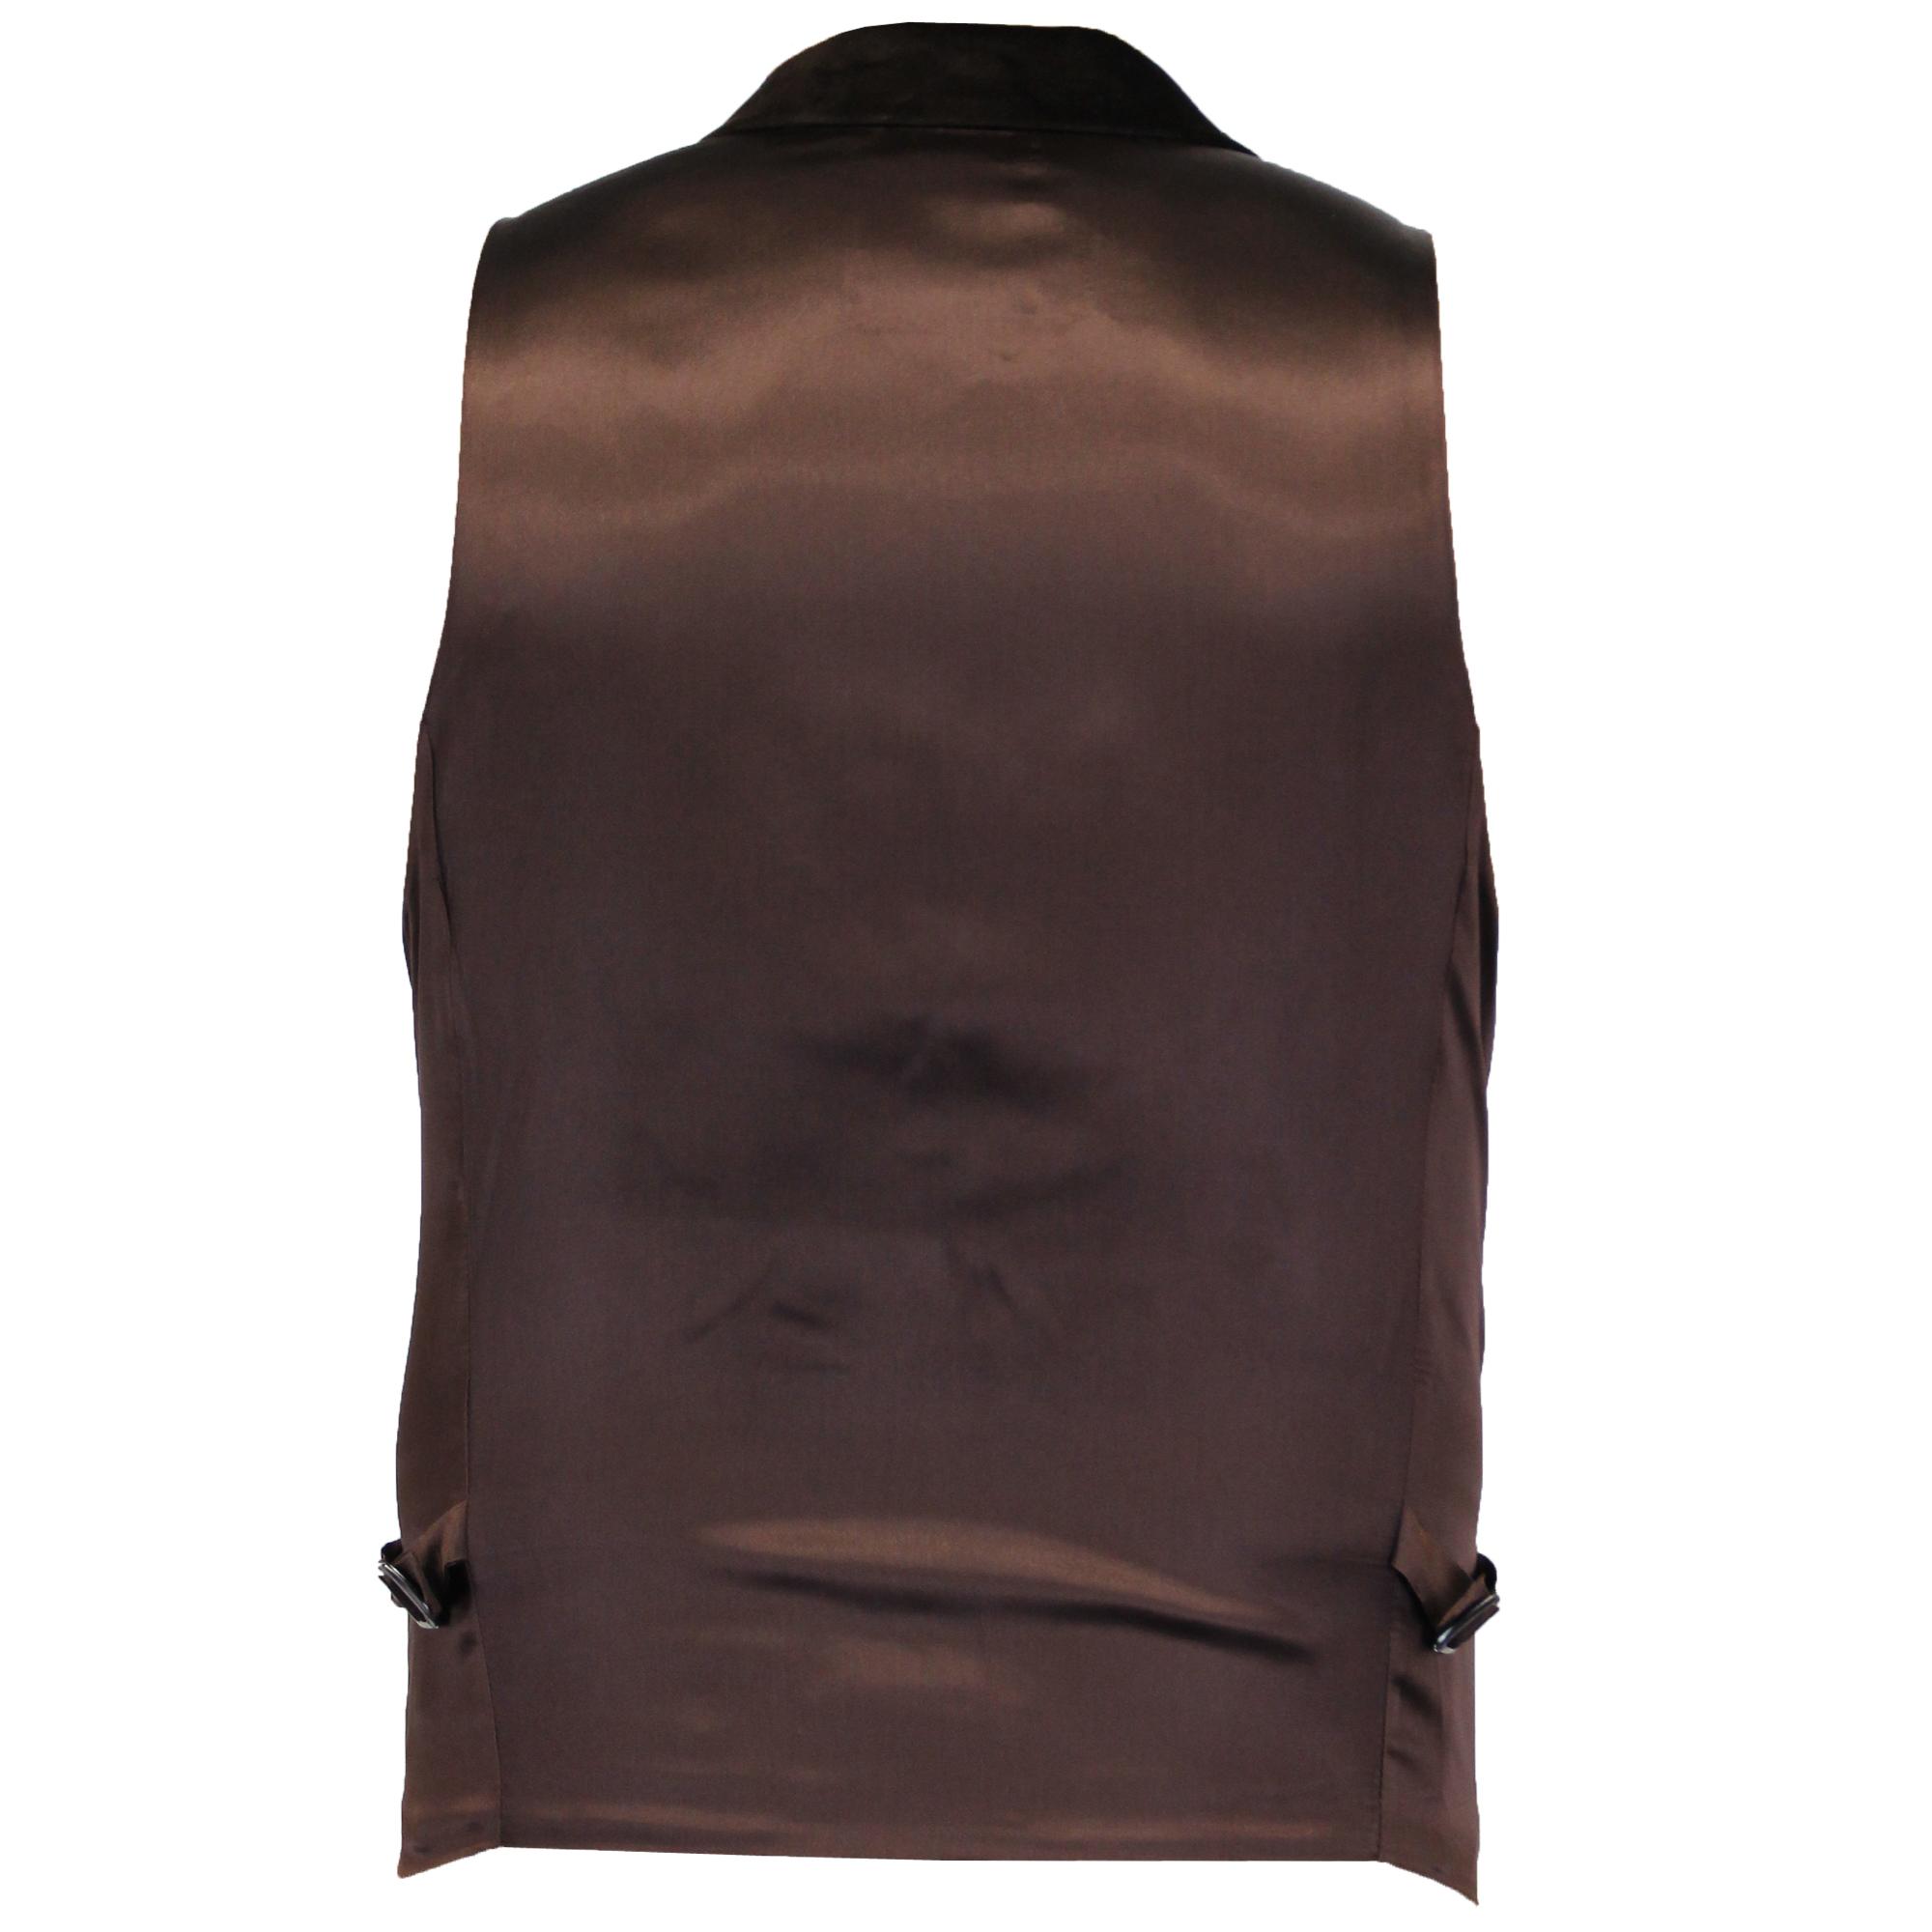 Mens Herringbone Tweed Waistcoats By Cavani